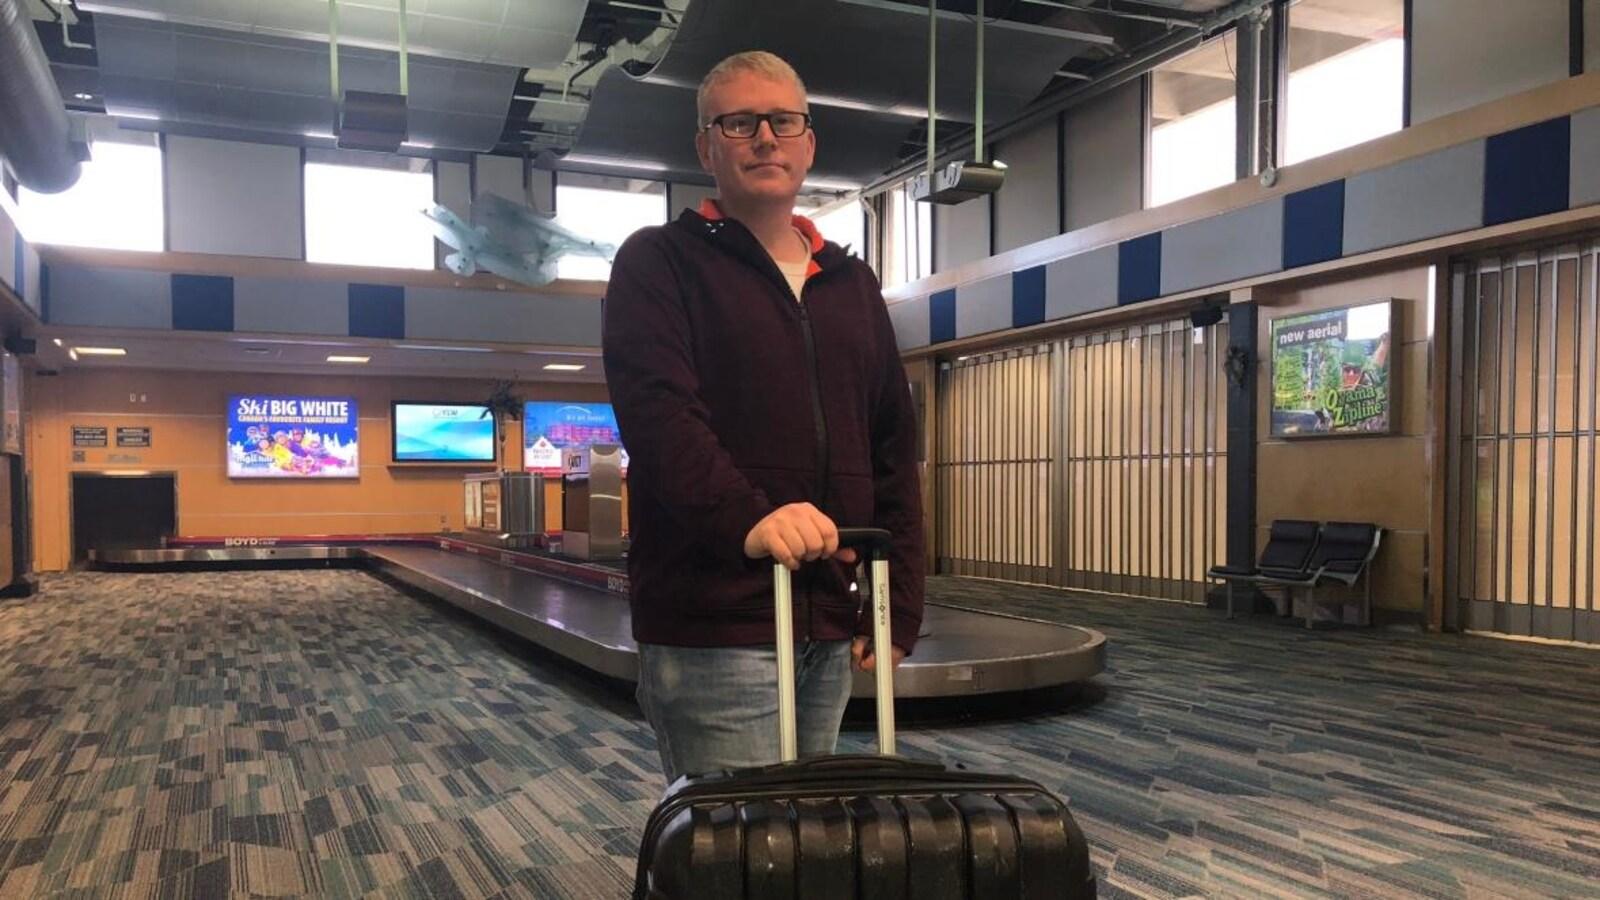 Un homme debout avec sa valise dans un aéroport.